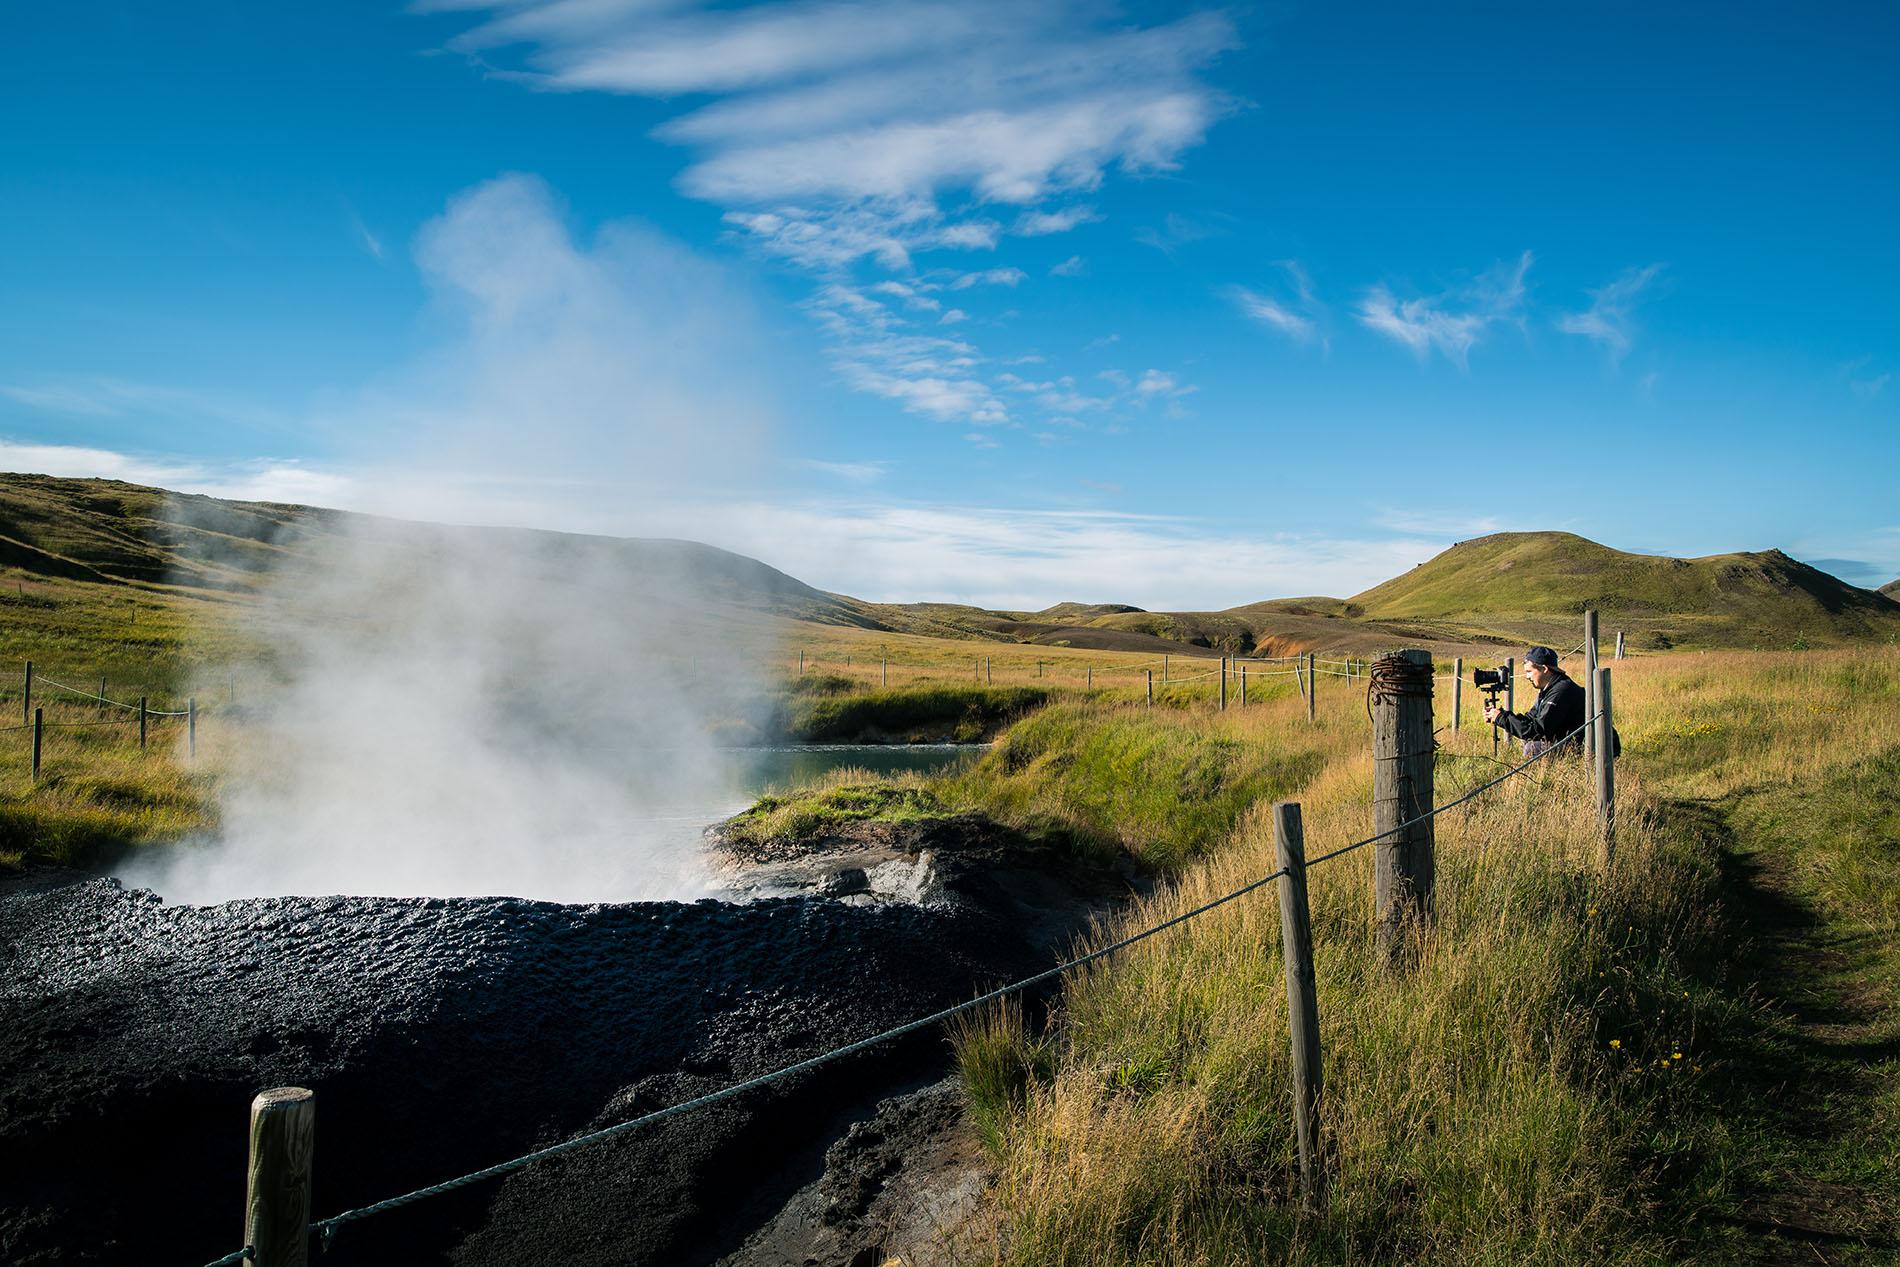 David Spettel, Davision Pictures, Iceland, Keflavik, Schlammloch